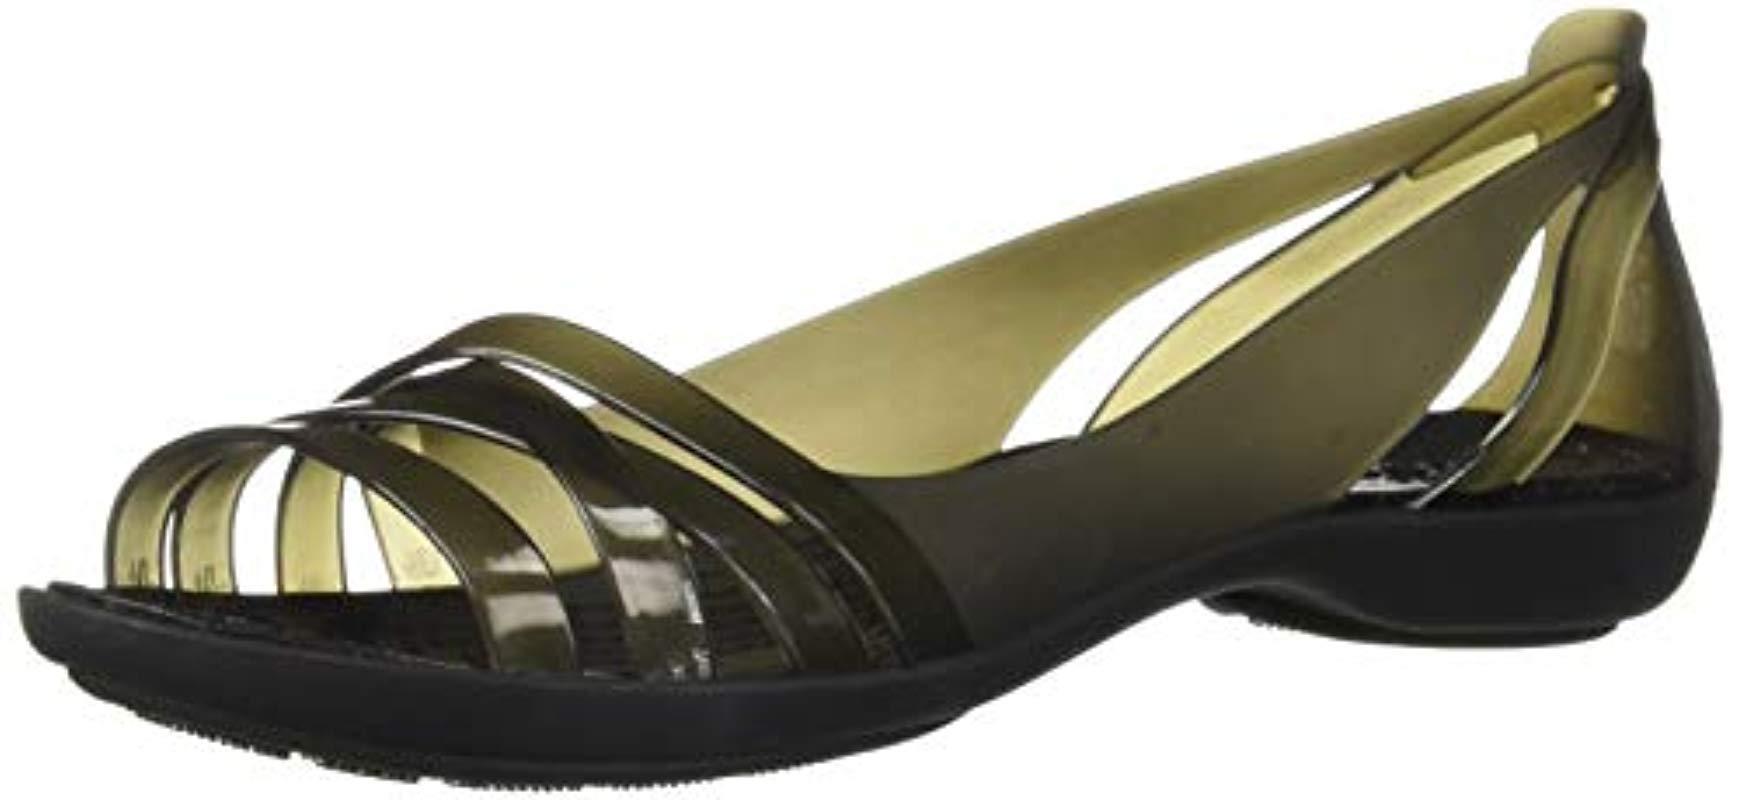 fbfba01f1251 Lyst - Crocs™ Isabella Huarache 2 Flat W Sandal in Black - Save 52%